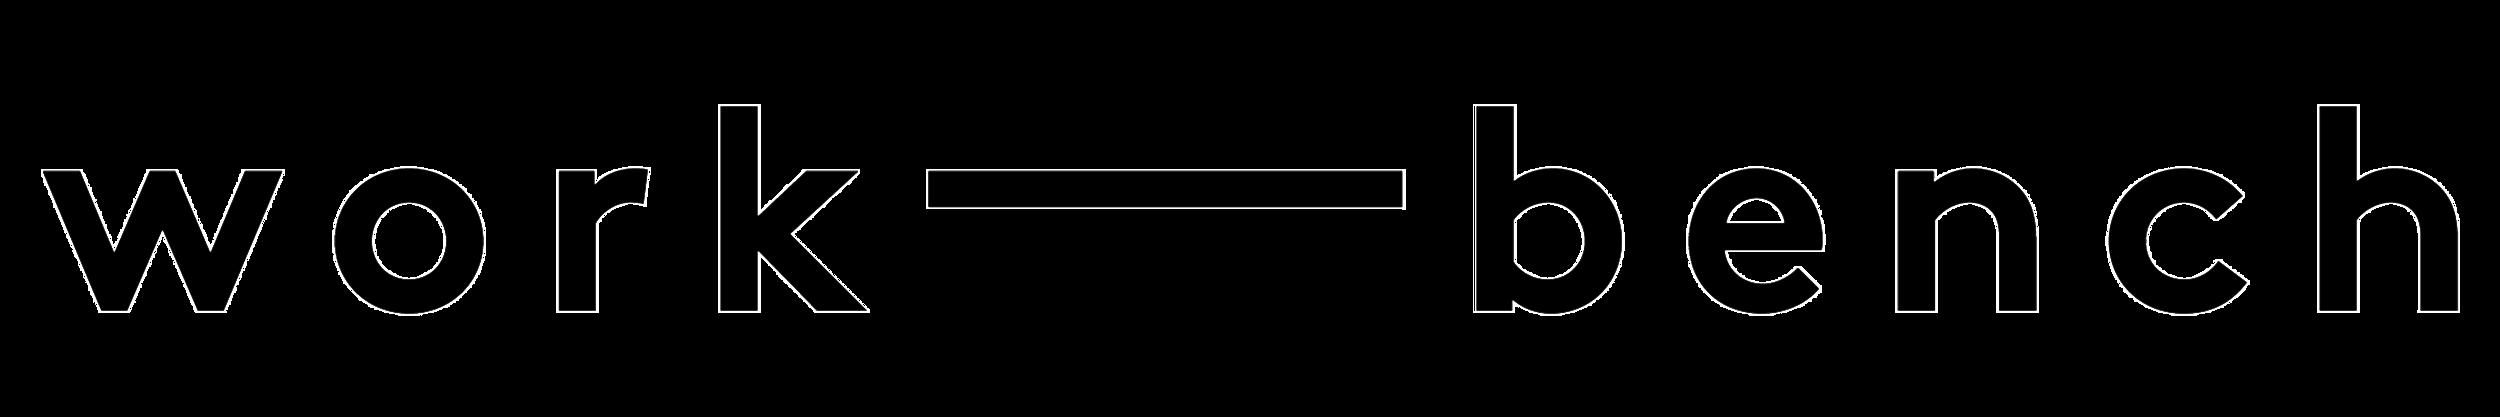 work-bench-logo-black.png